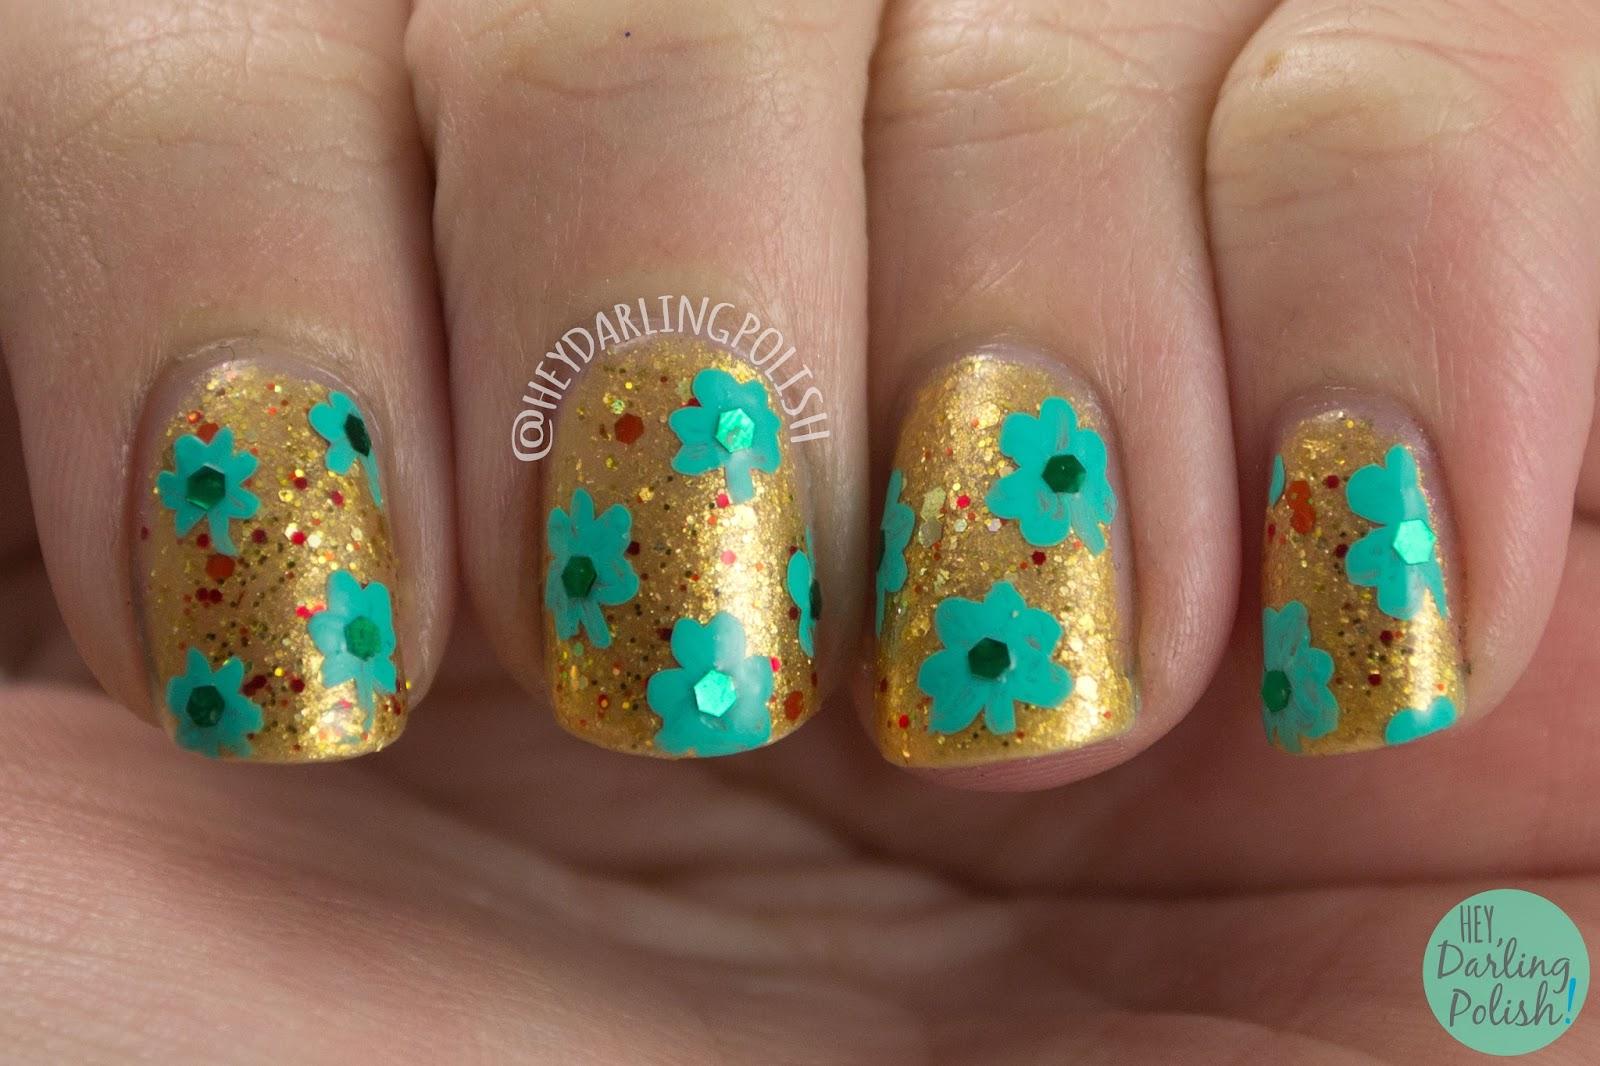 nails, nail art, nail polish, hey darling polish, gold, green, shamrocks, glitter, st. patrick's day, nail linkup